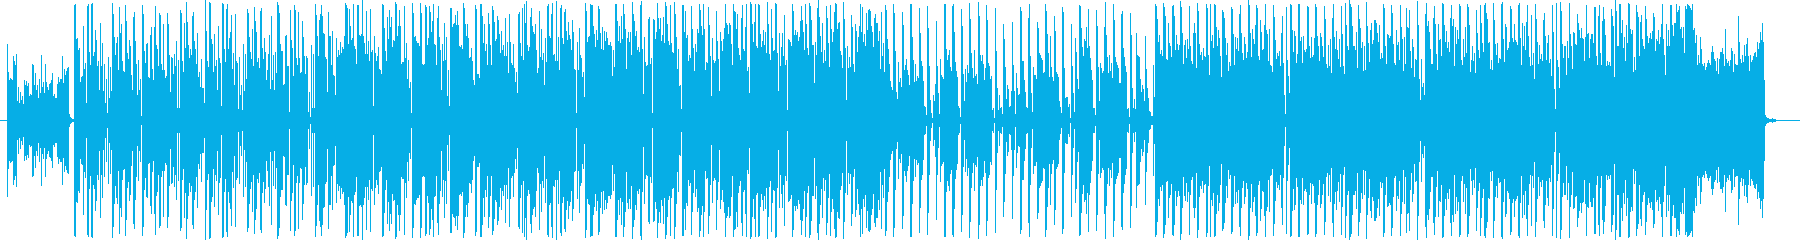 16を基調にしたクラブサウンドの再生済みの波形